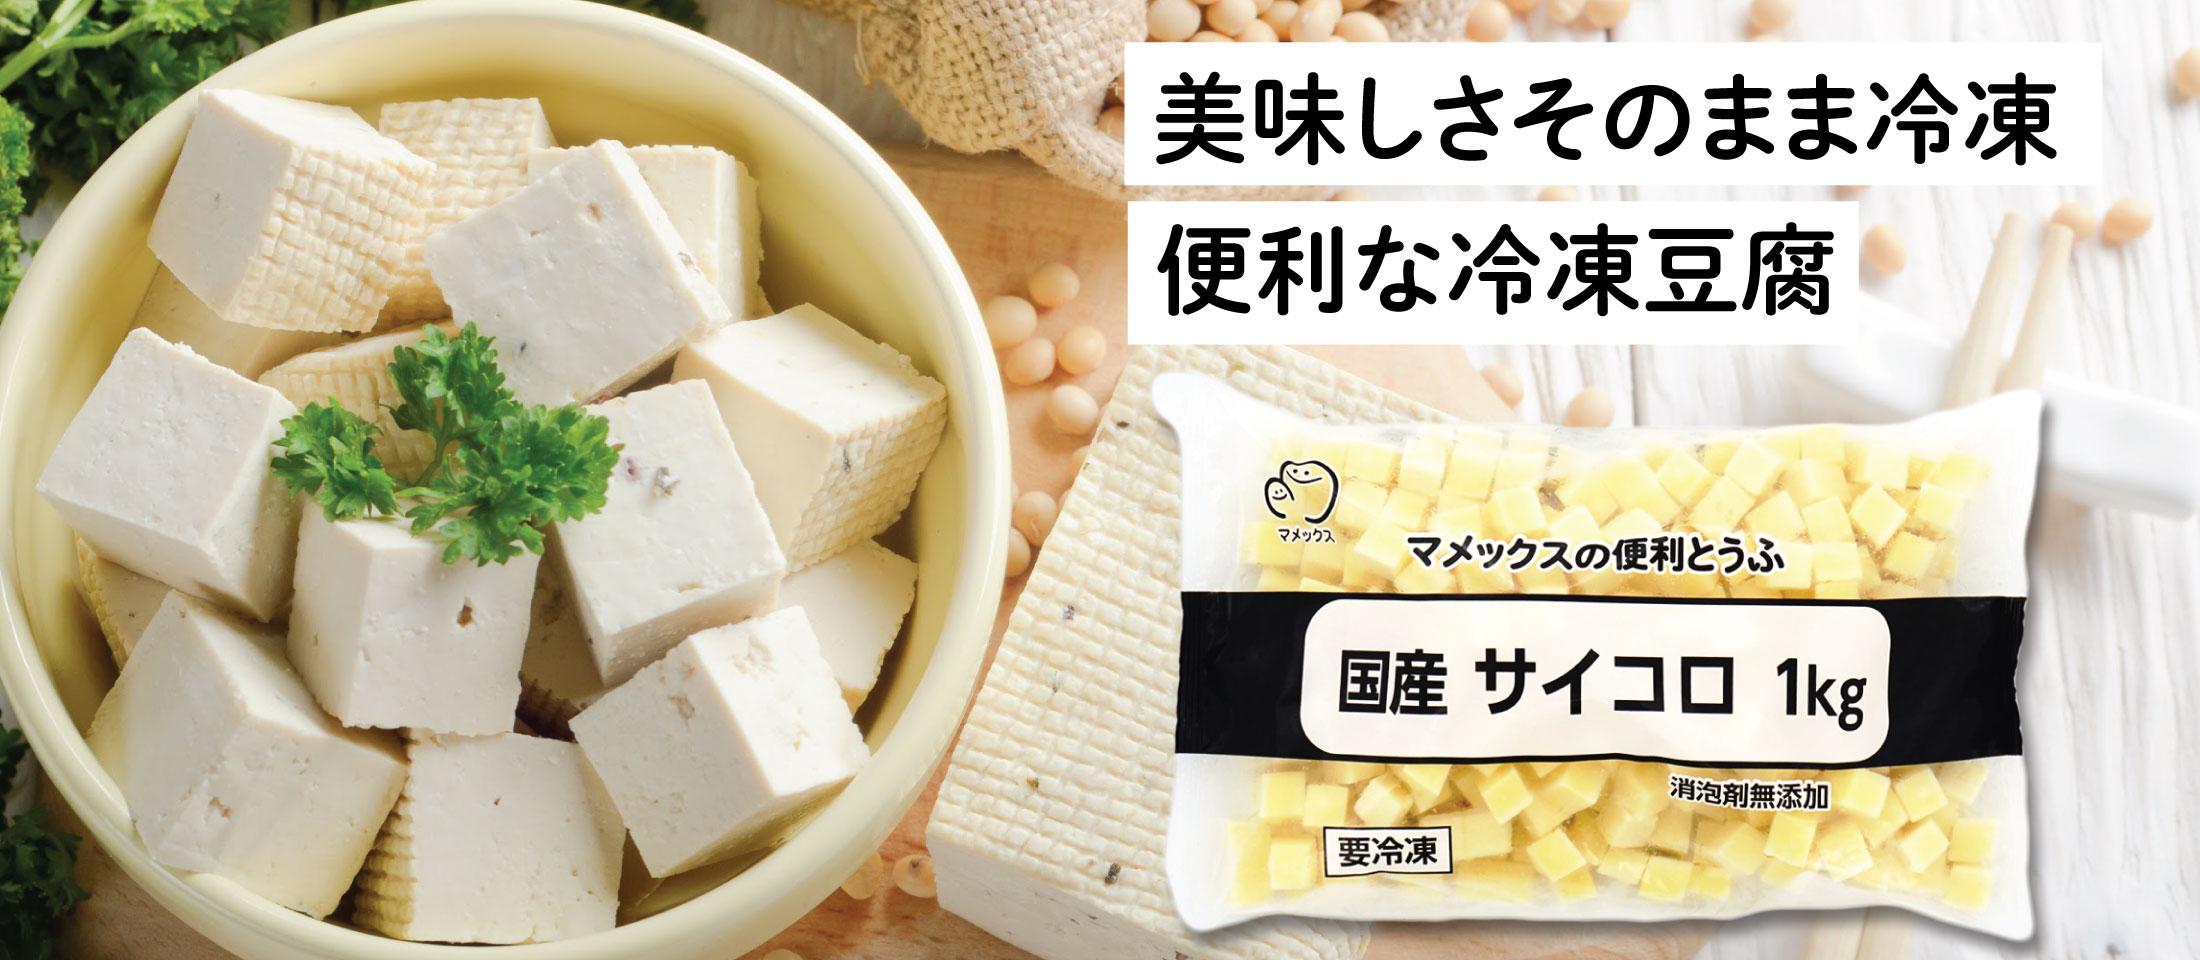 便利な冷凍豆腐 美味しさそのまま冷凍! 便利な冷凍豆腐マメックス特集 業務用食品・冷凍食品おすすめ 業務用食品・冷凍食品の通販 |ナカヤマフーズ